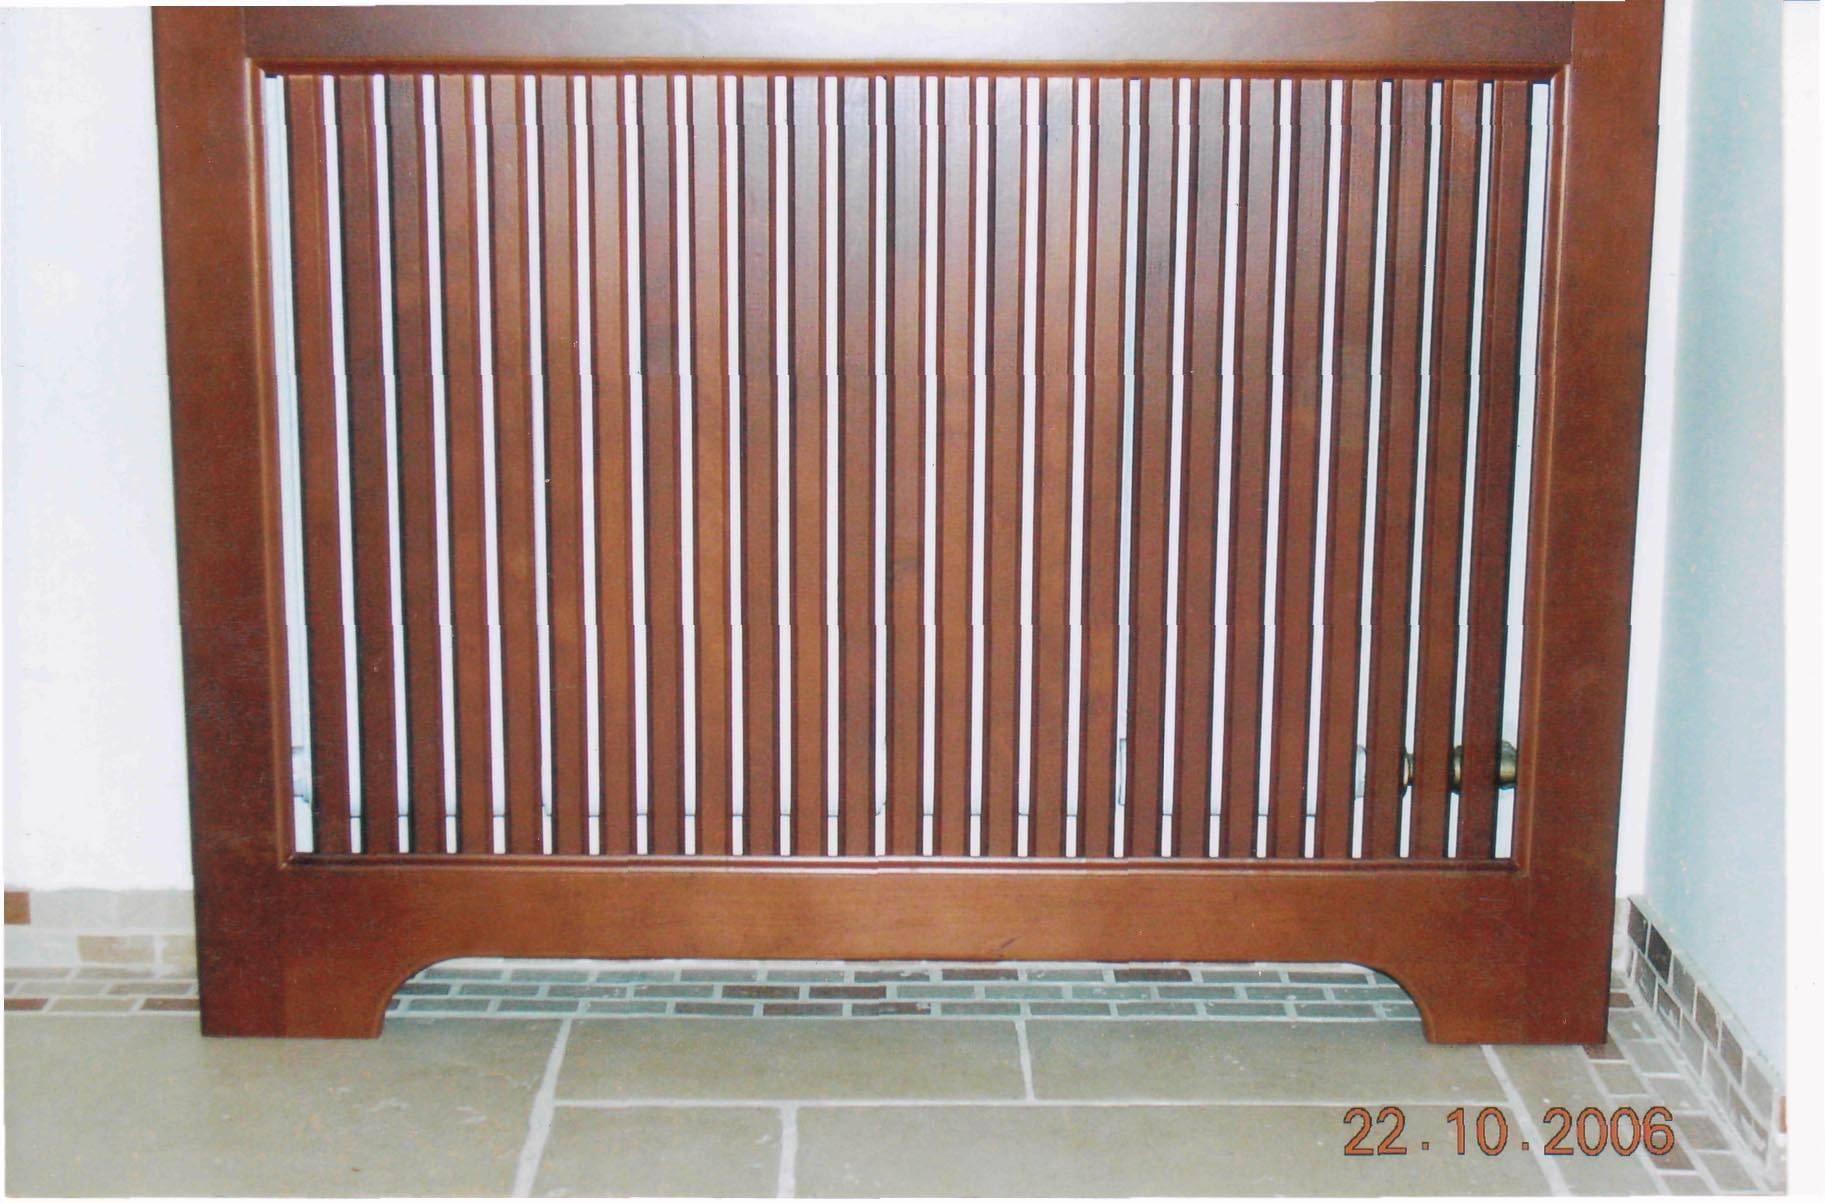 Декоративные решетки на радиаторы отопления, навесные решетки для батарей